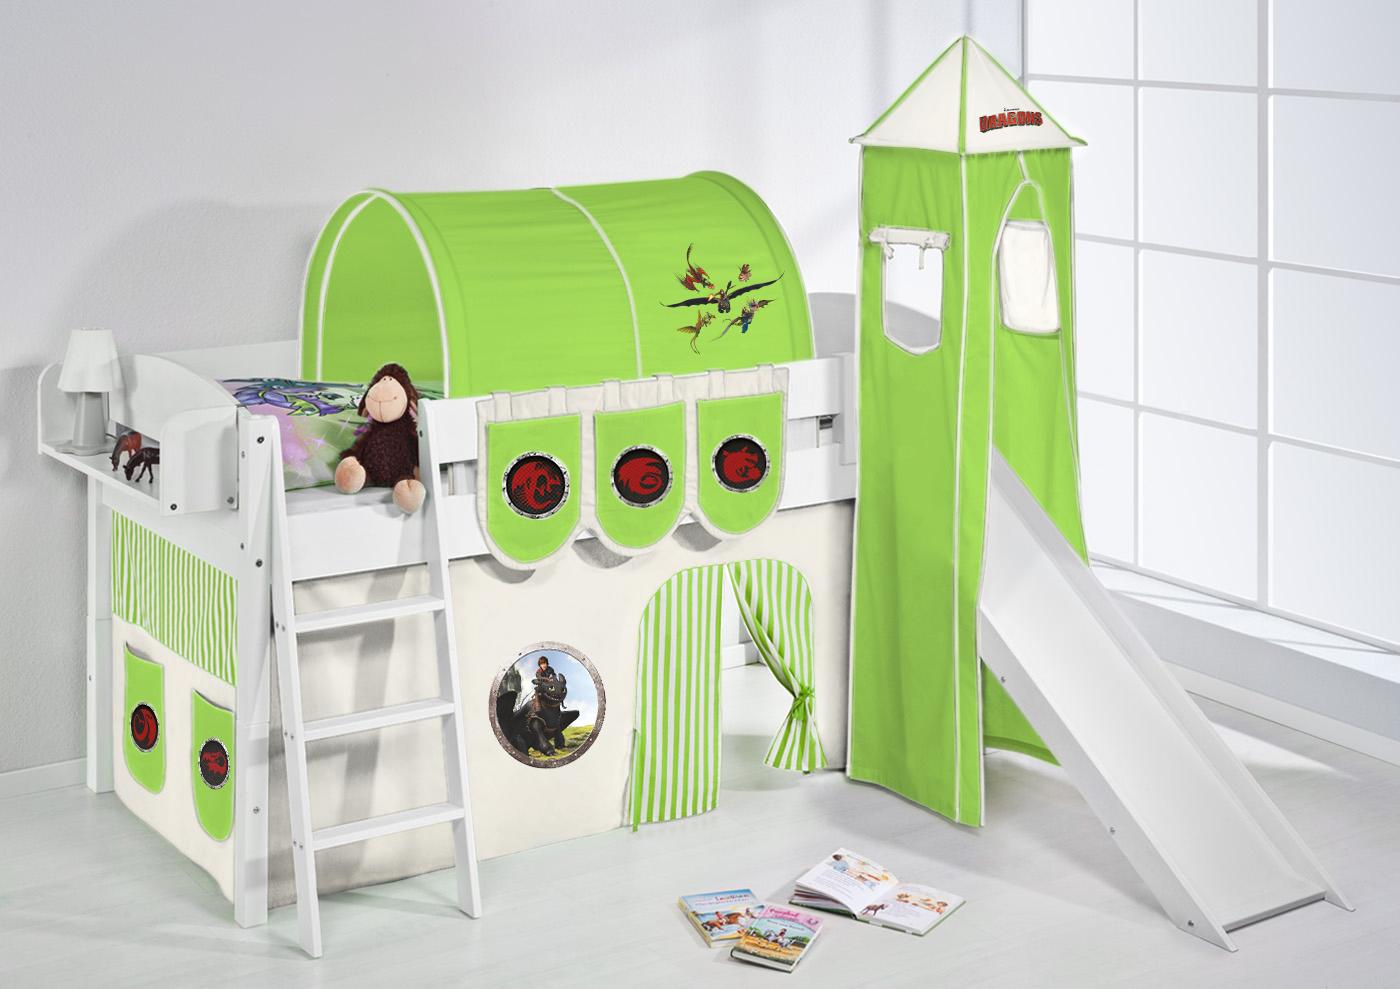 jouer lit aire de jeux mezzanine d 39 enfant enfants avec tour et toboggan 4105. Black Bedroom Furniture Sets. Home Design Ideas